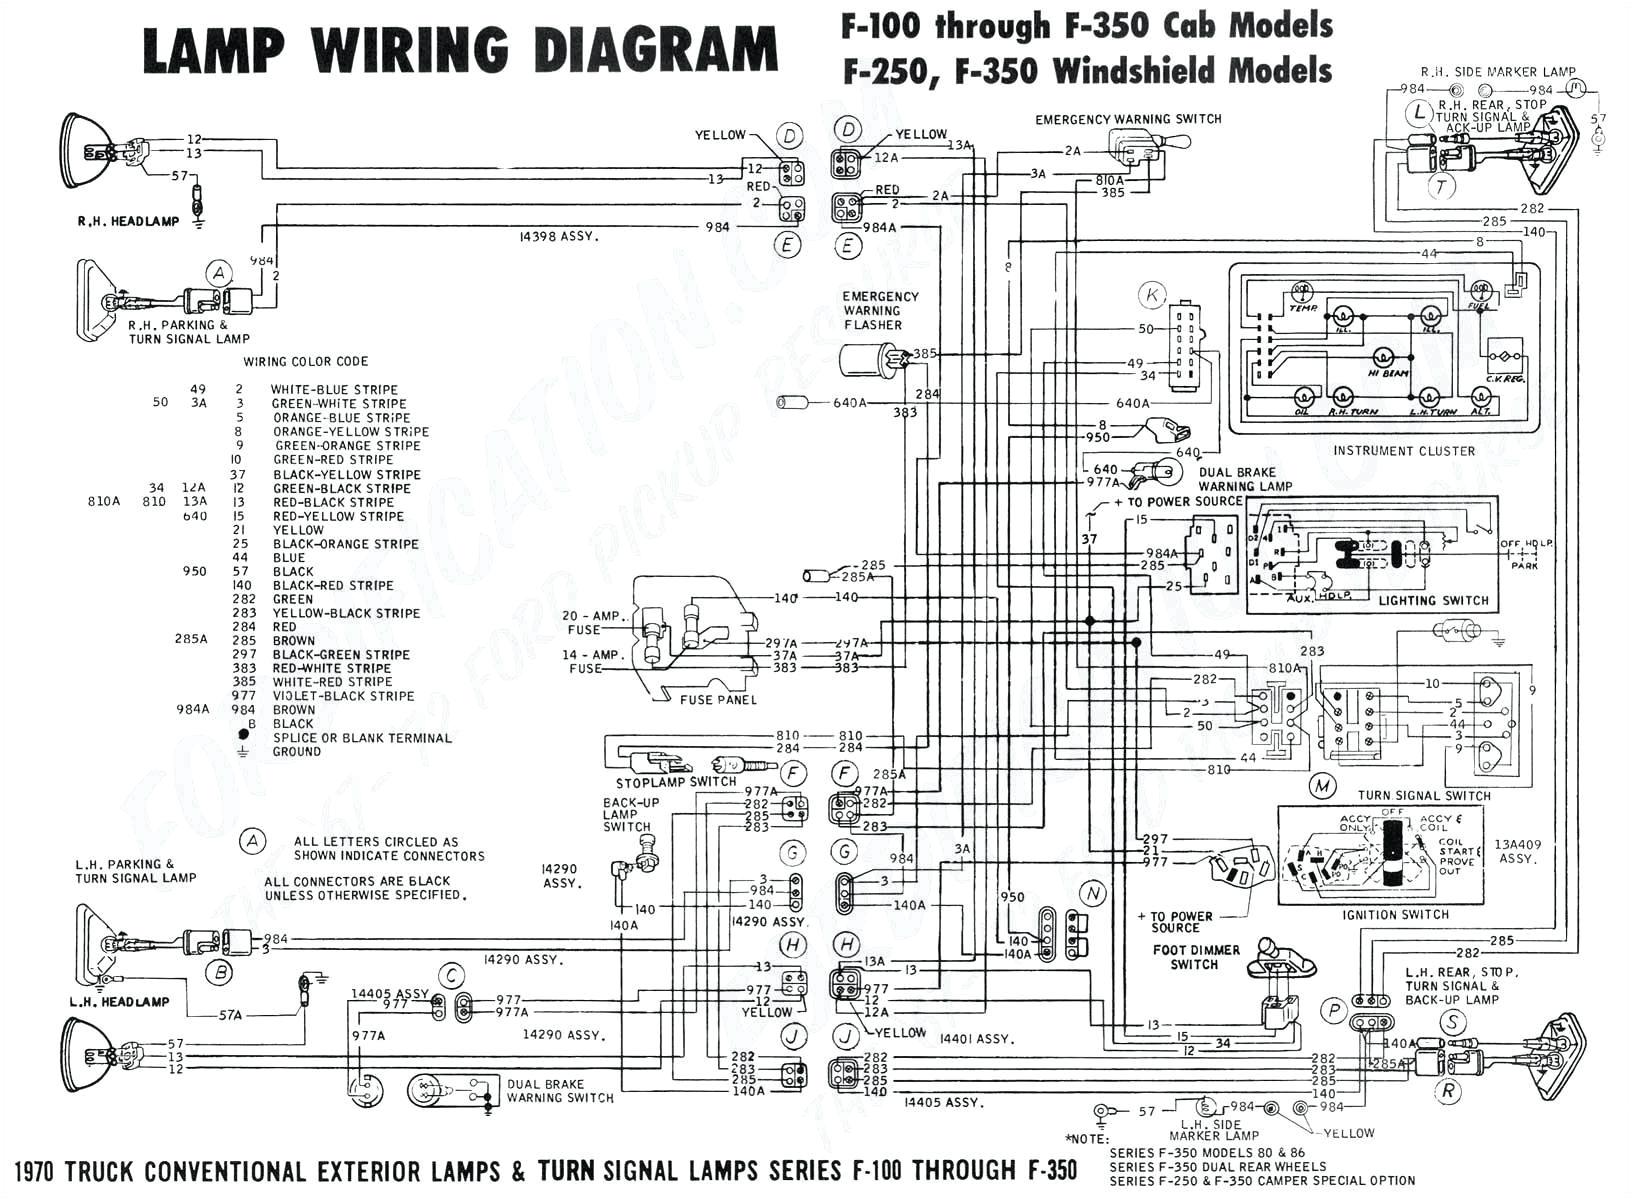 wiring schematics rx95 wiring diagram paper wiring diagram 2001 ford taurus power windows wiring diagram inside